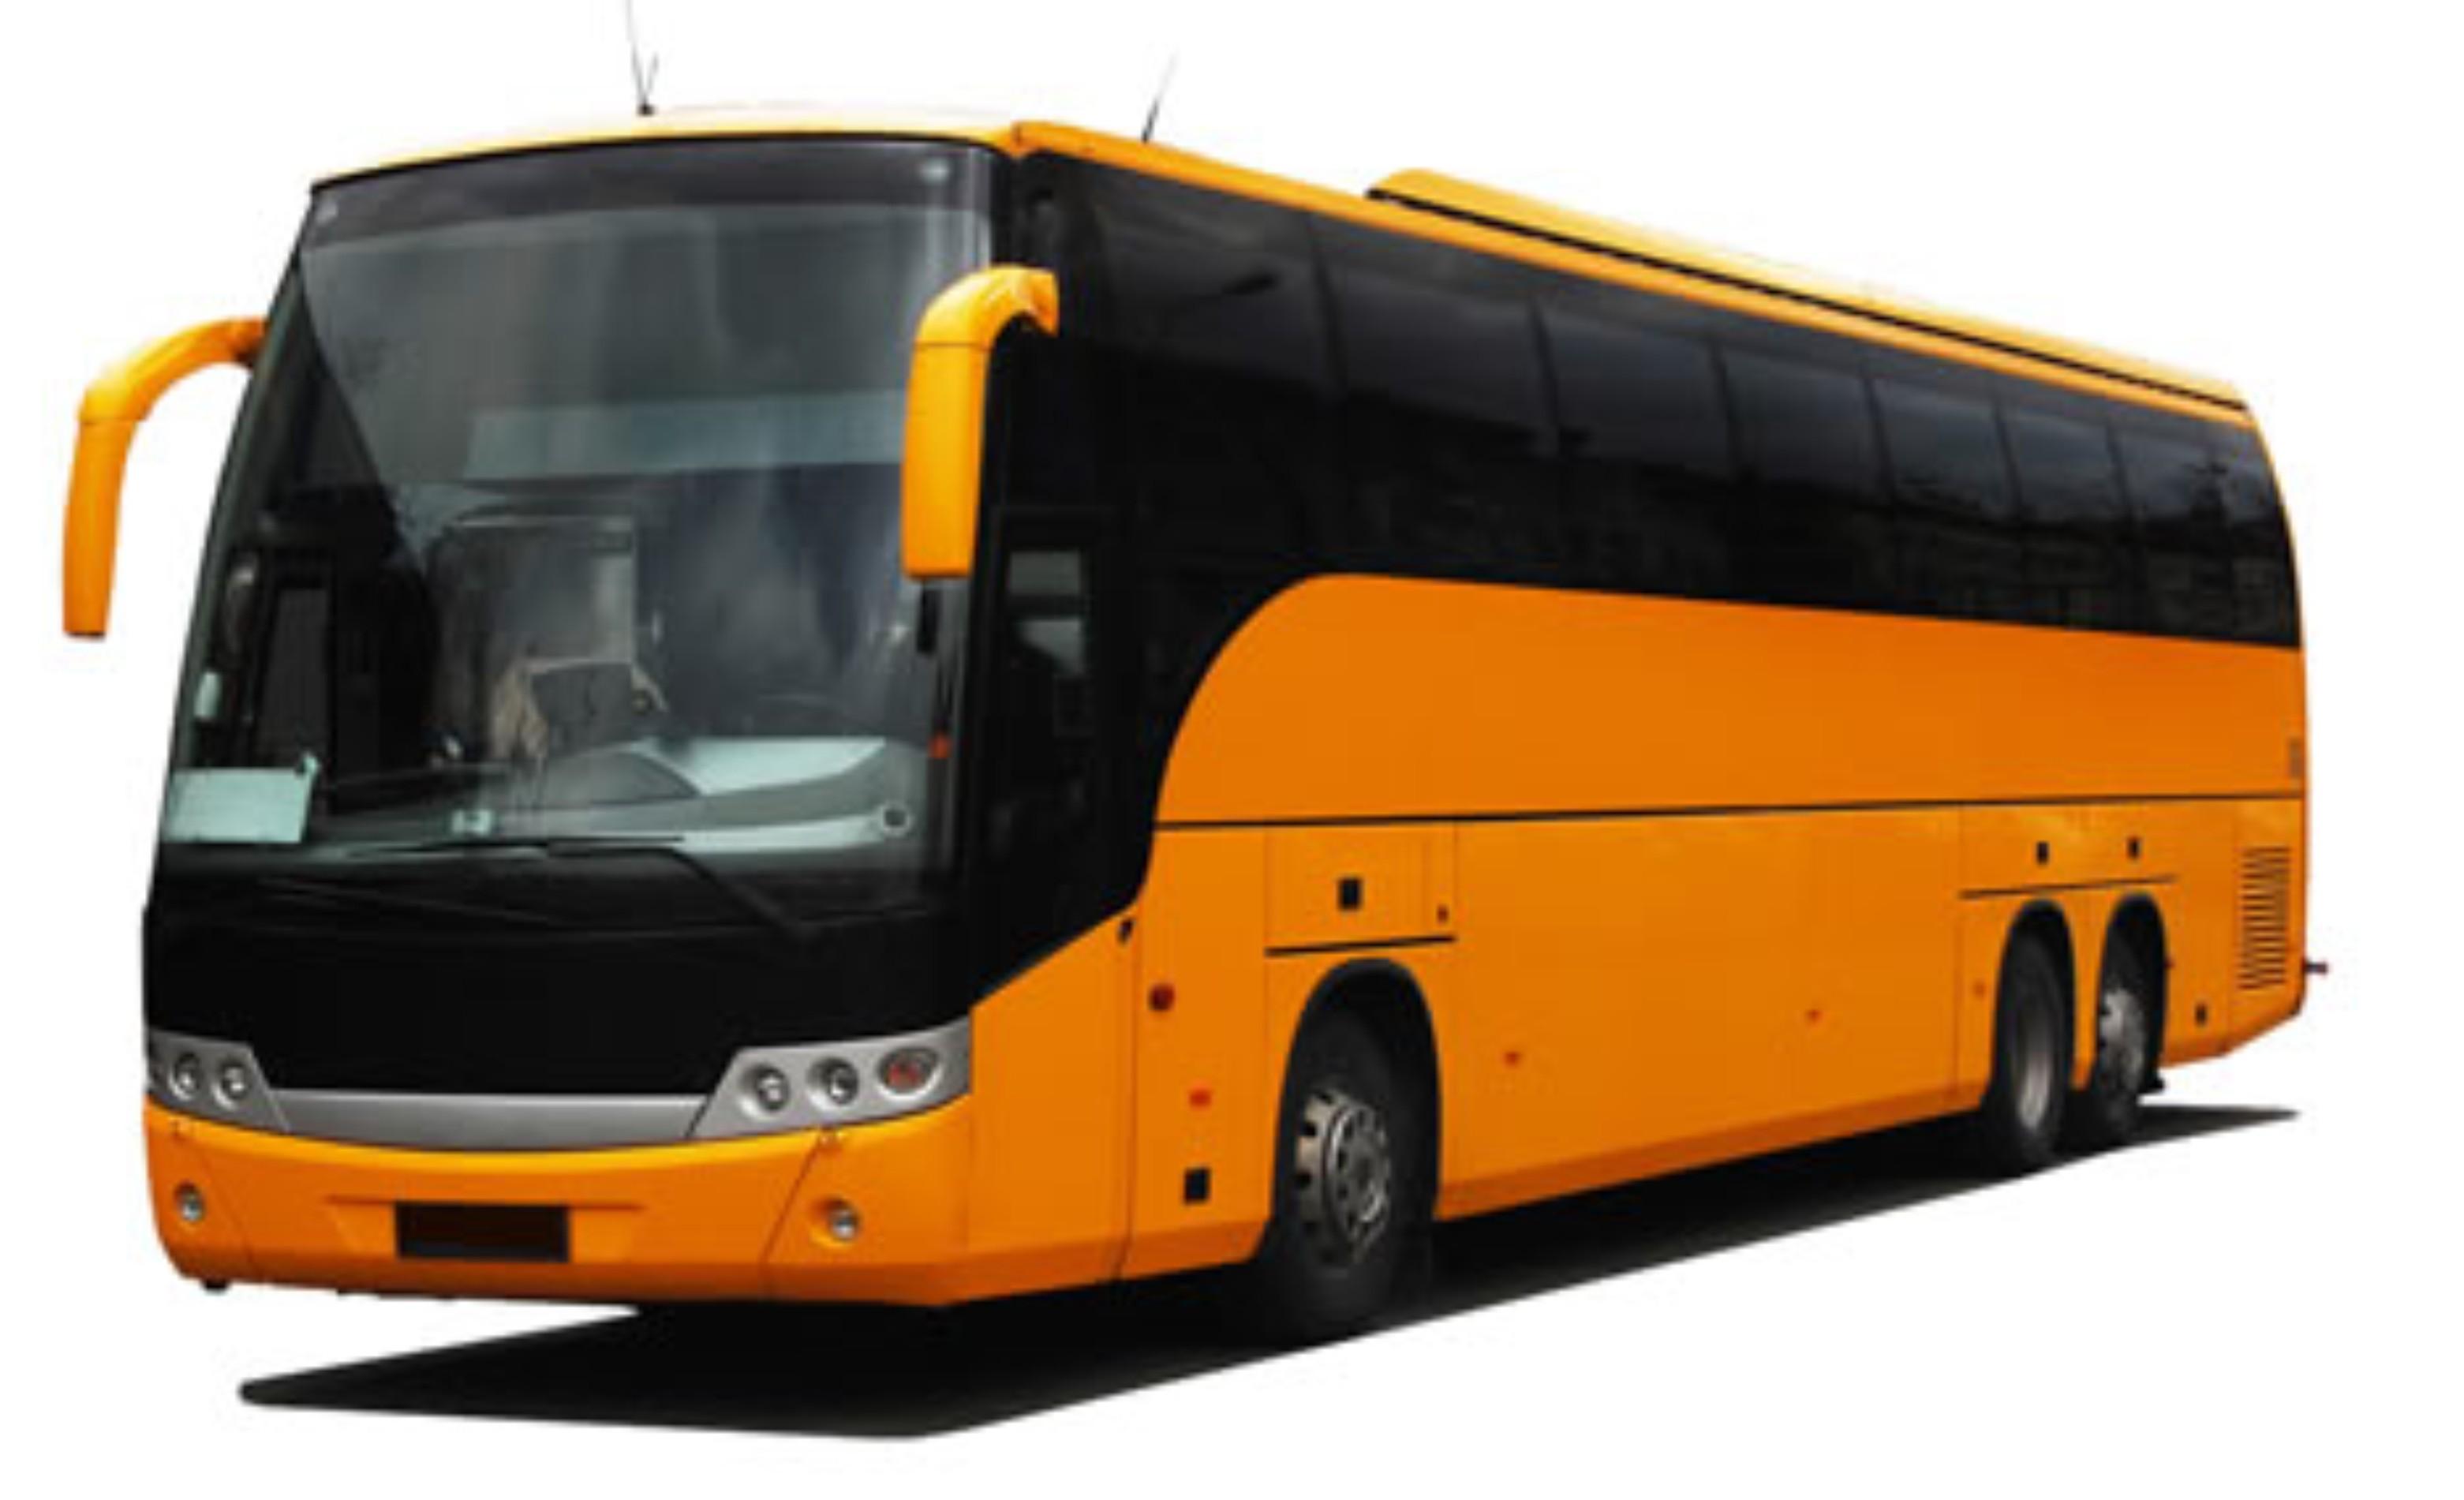 autobusgenerico